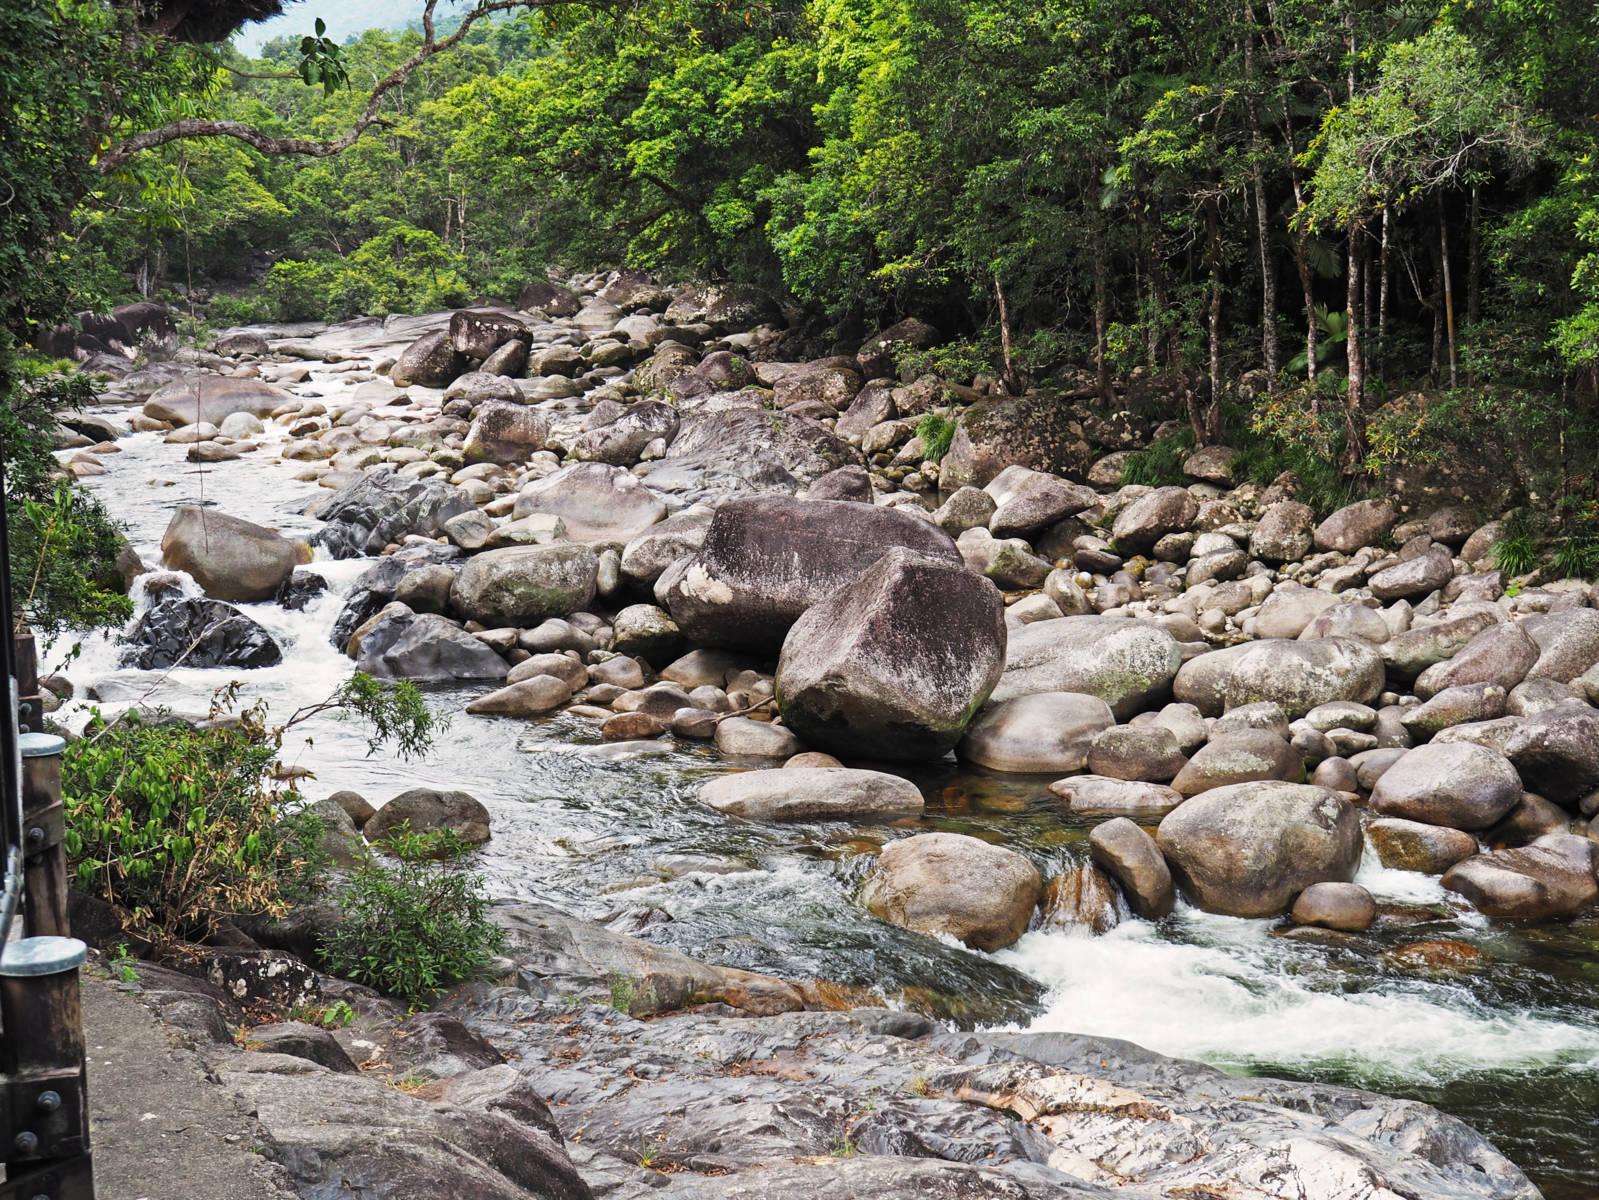 Gorges de Mossman riviere